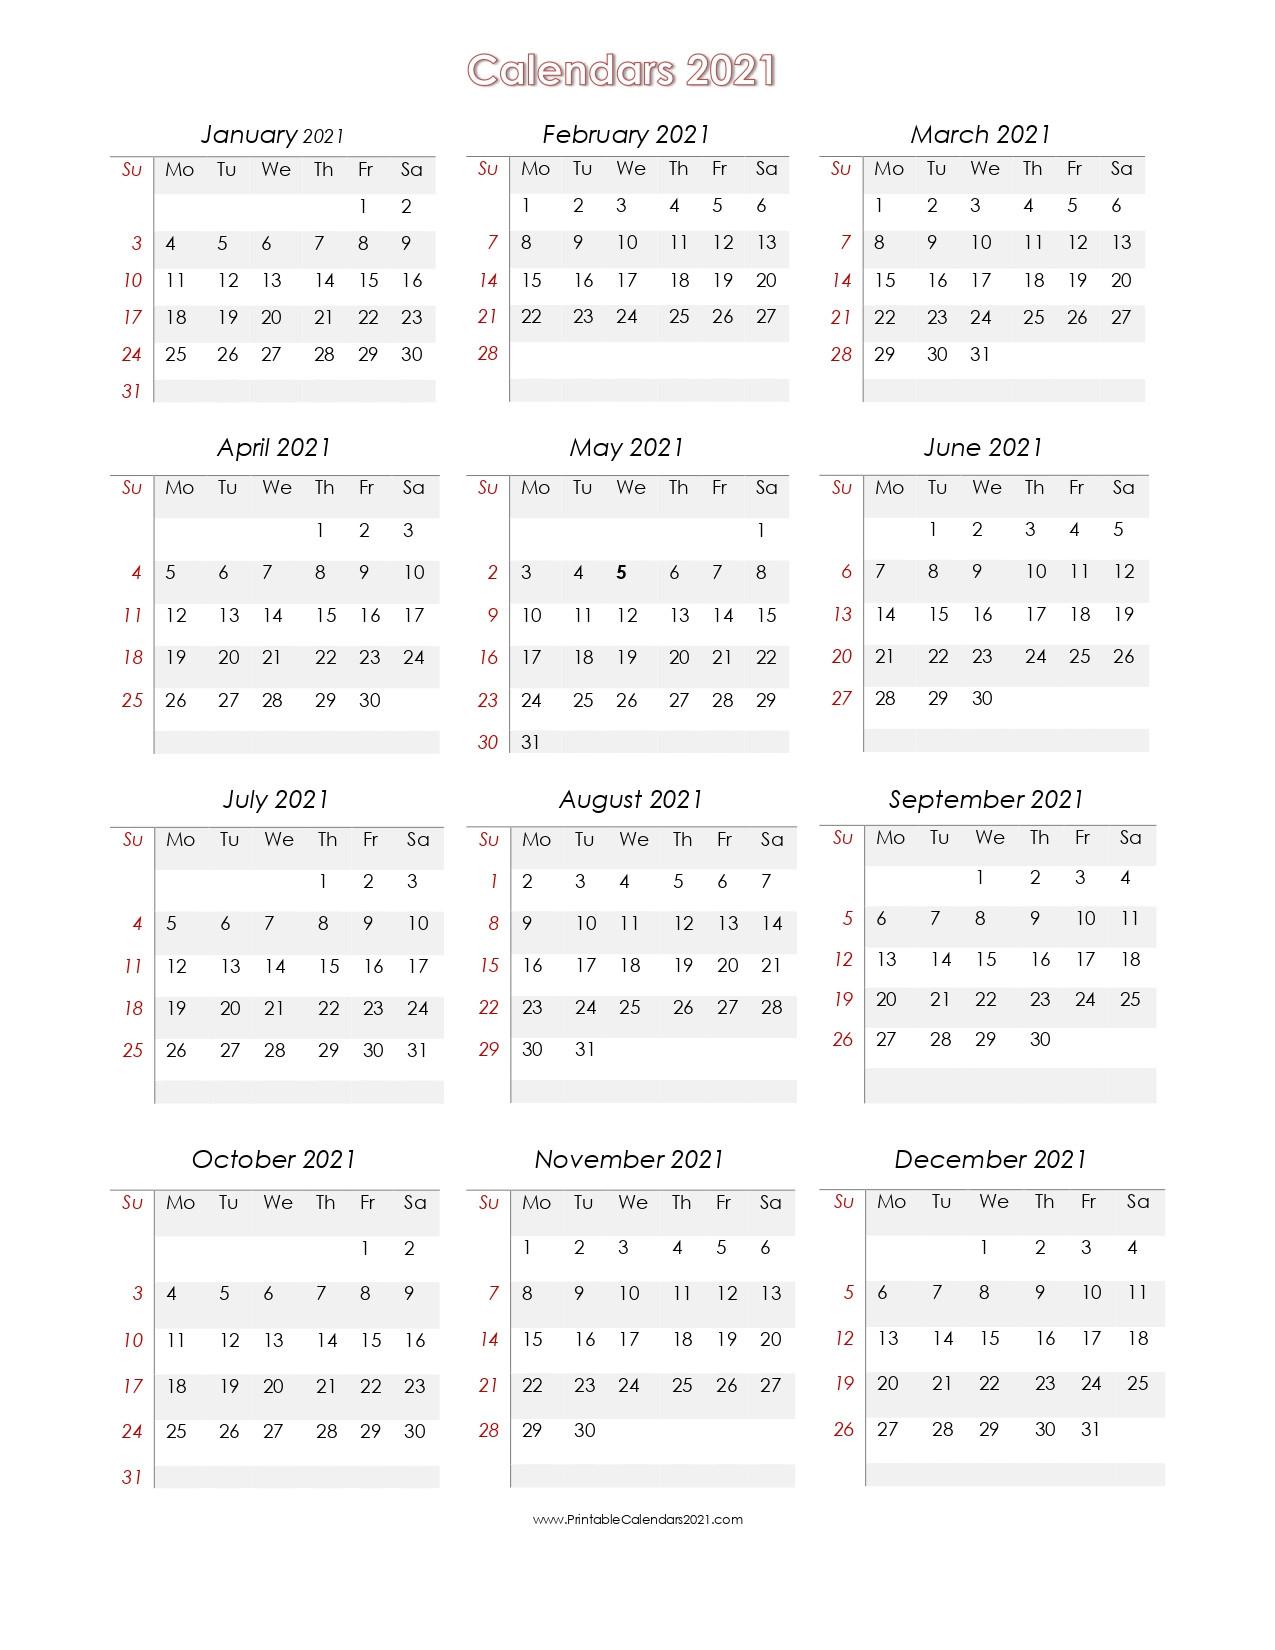 2021 Calendar To Fill In | Calendar Template Printable  Fillable 2021 Calendar Template